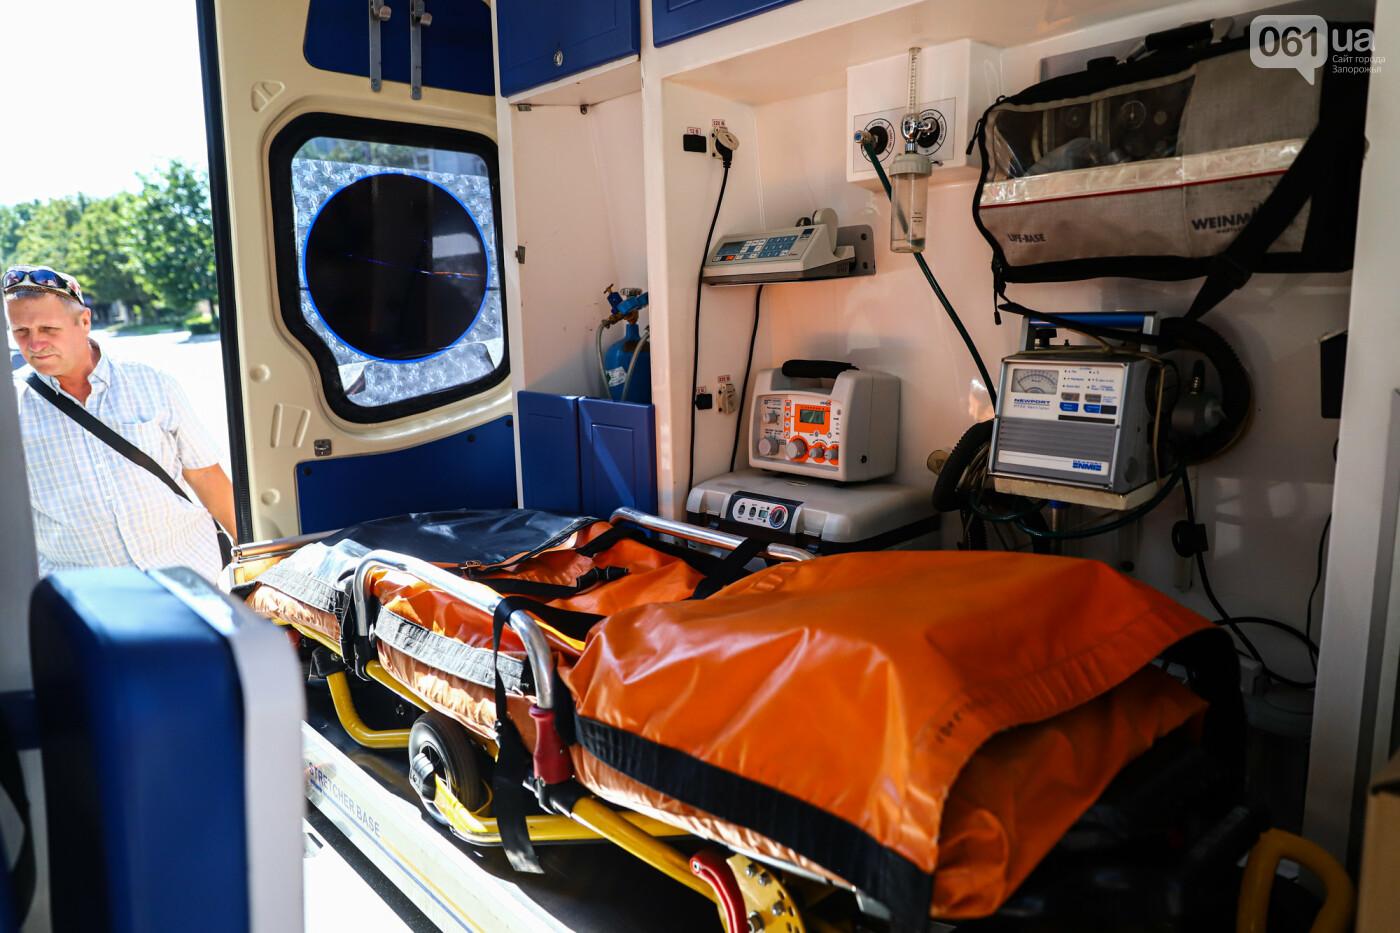 Запорожские медики скорой помощи получили транспортный аппарат ИВЛ стоимостью 200 тысяч гривен, - ФОТО, фото-5